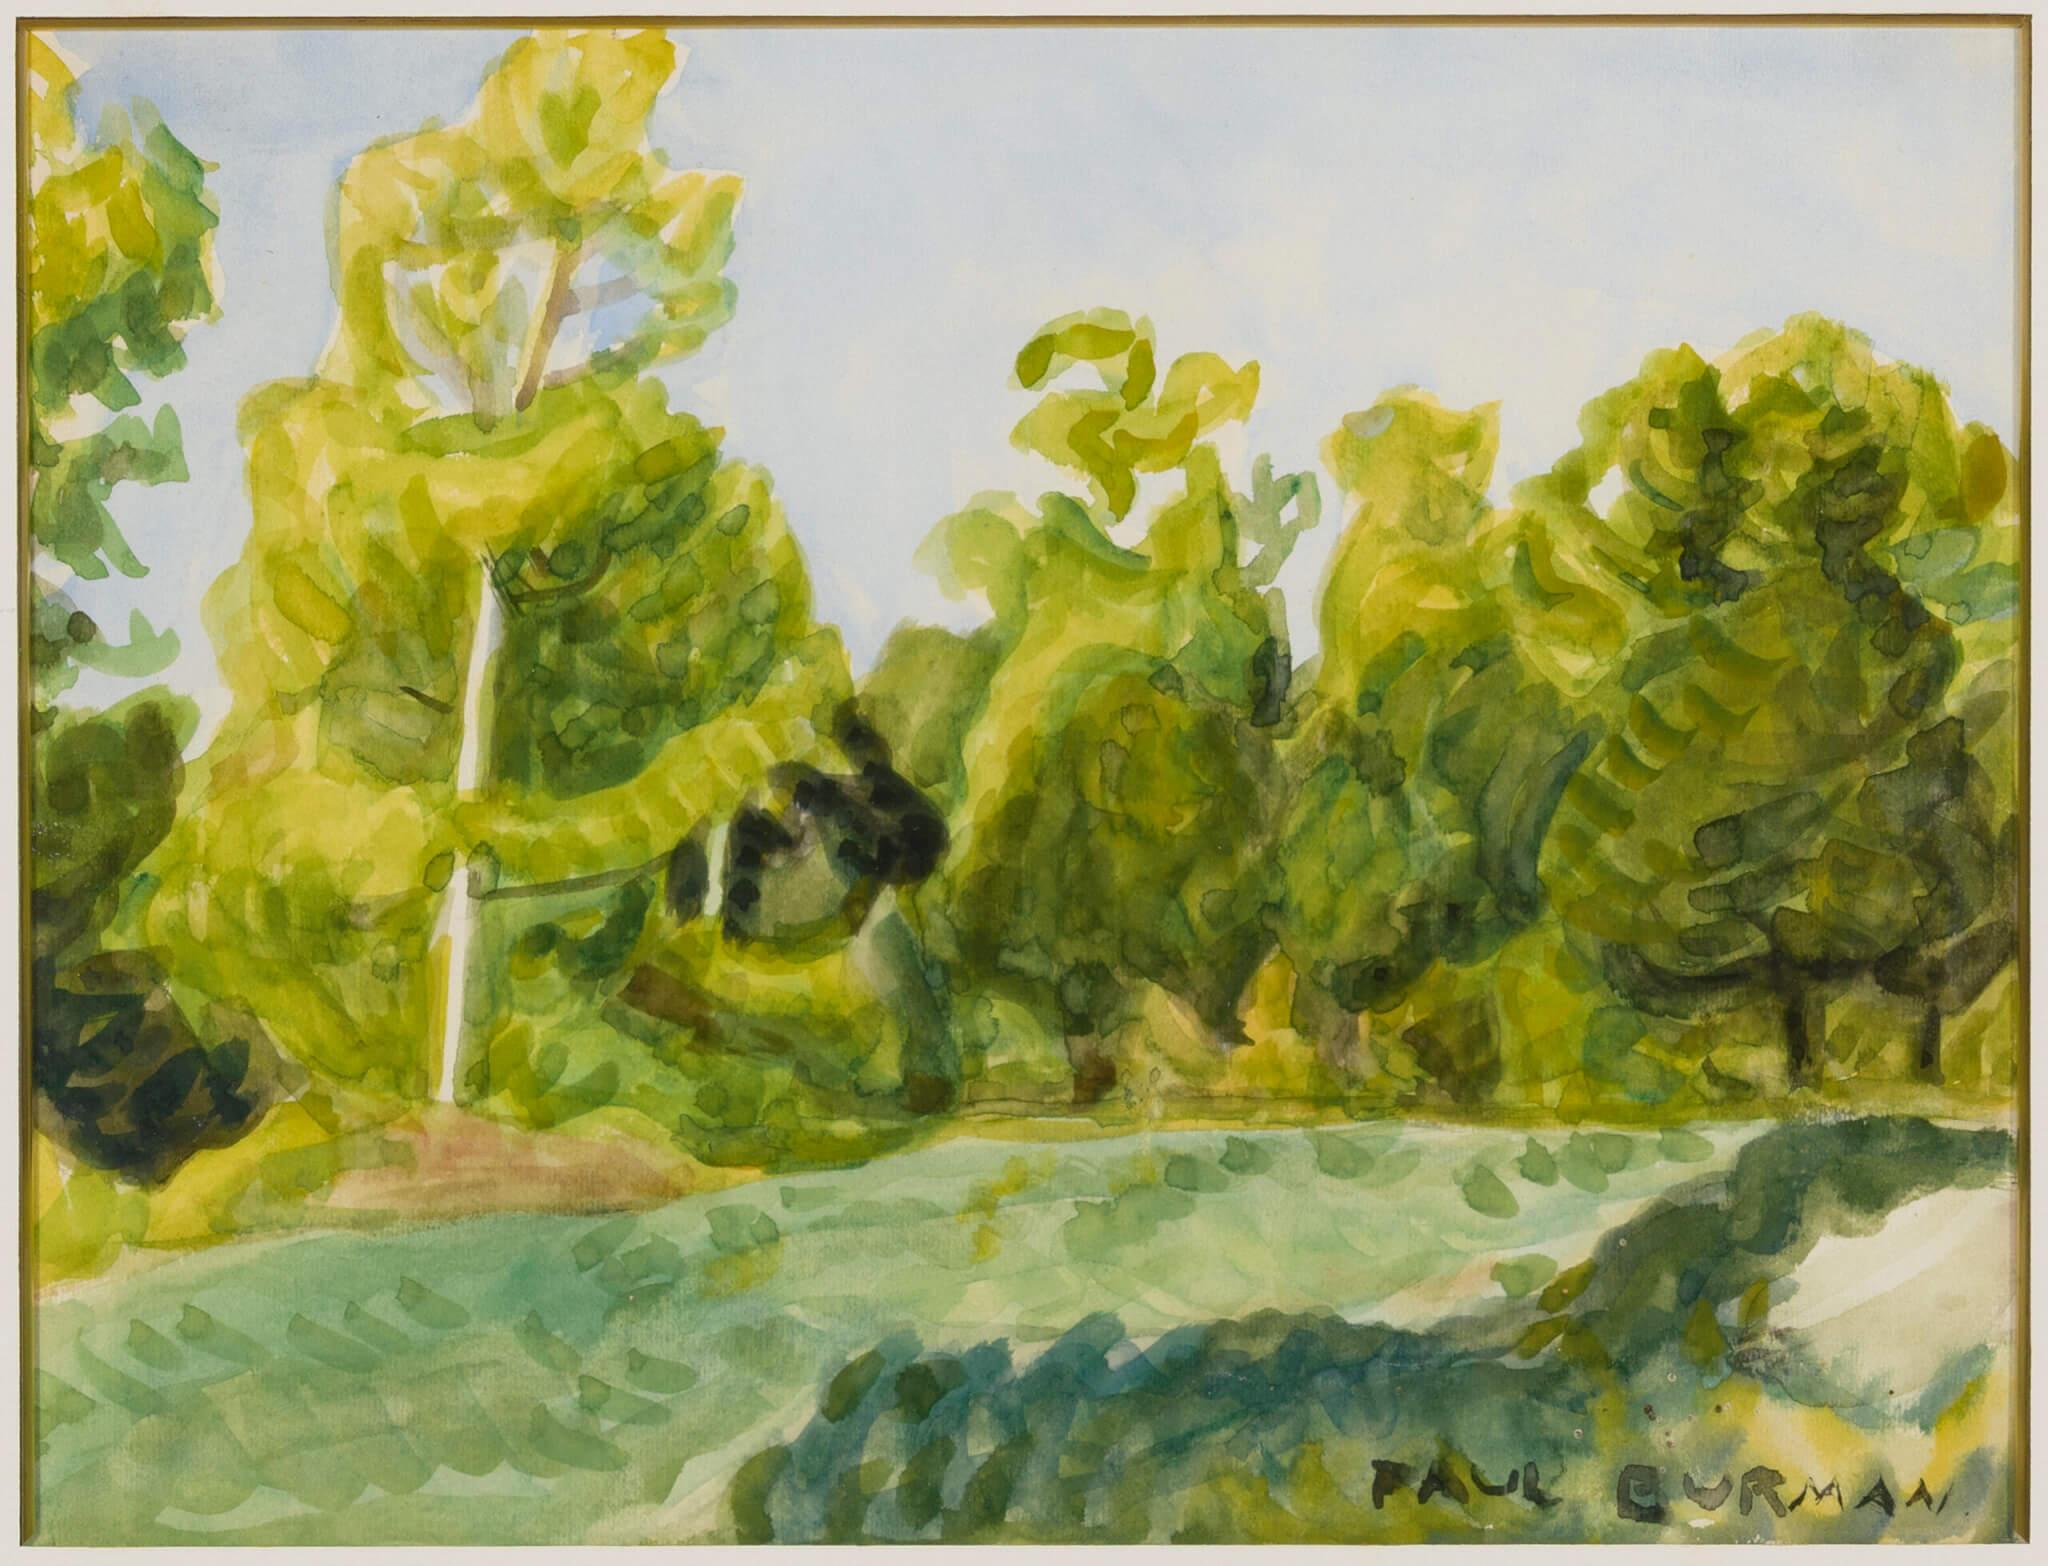 Paul-Burman-Harku-Mets-Allee-galerii-kunstiklassika-oksjon